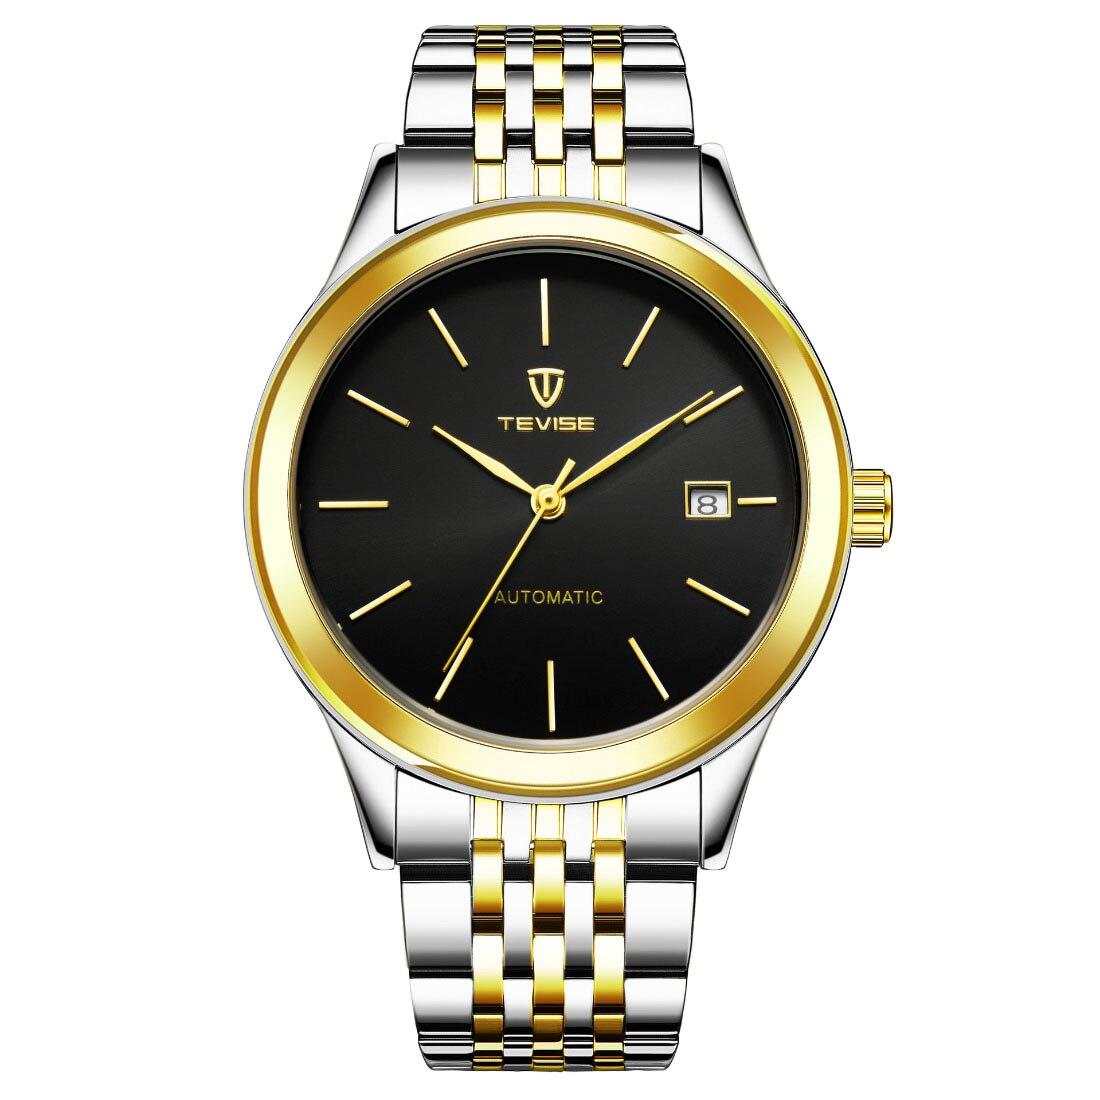 где купить Stainless steel simple quartz watch automatic men sport wristwatch date display big dial business watches men adjustable 2018 по лучшей цене